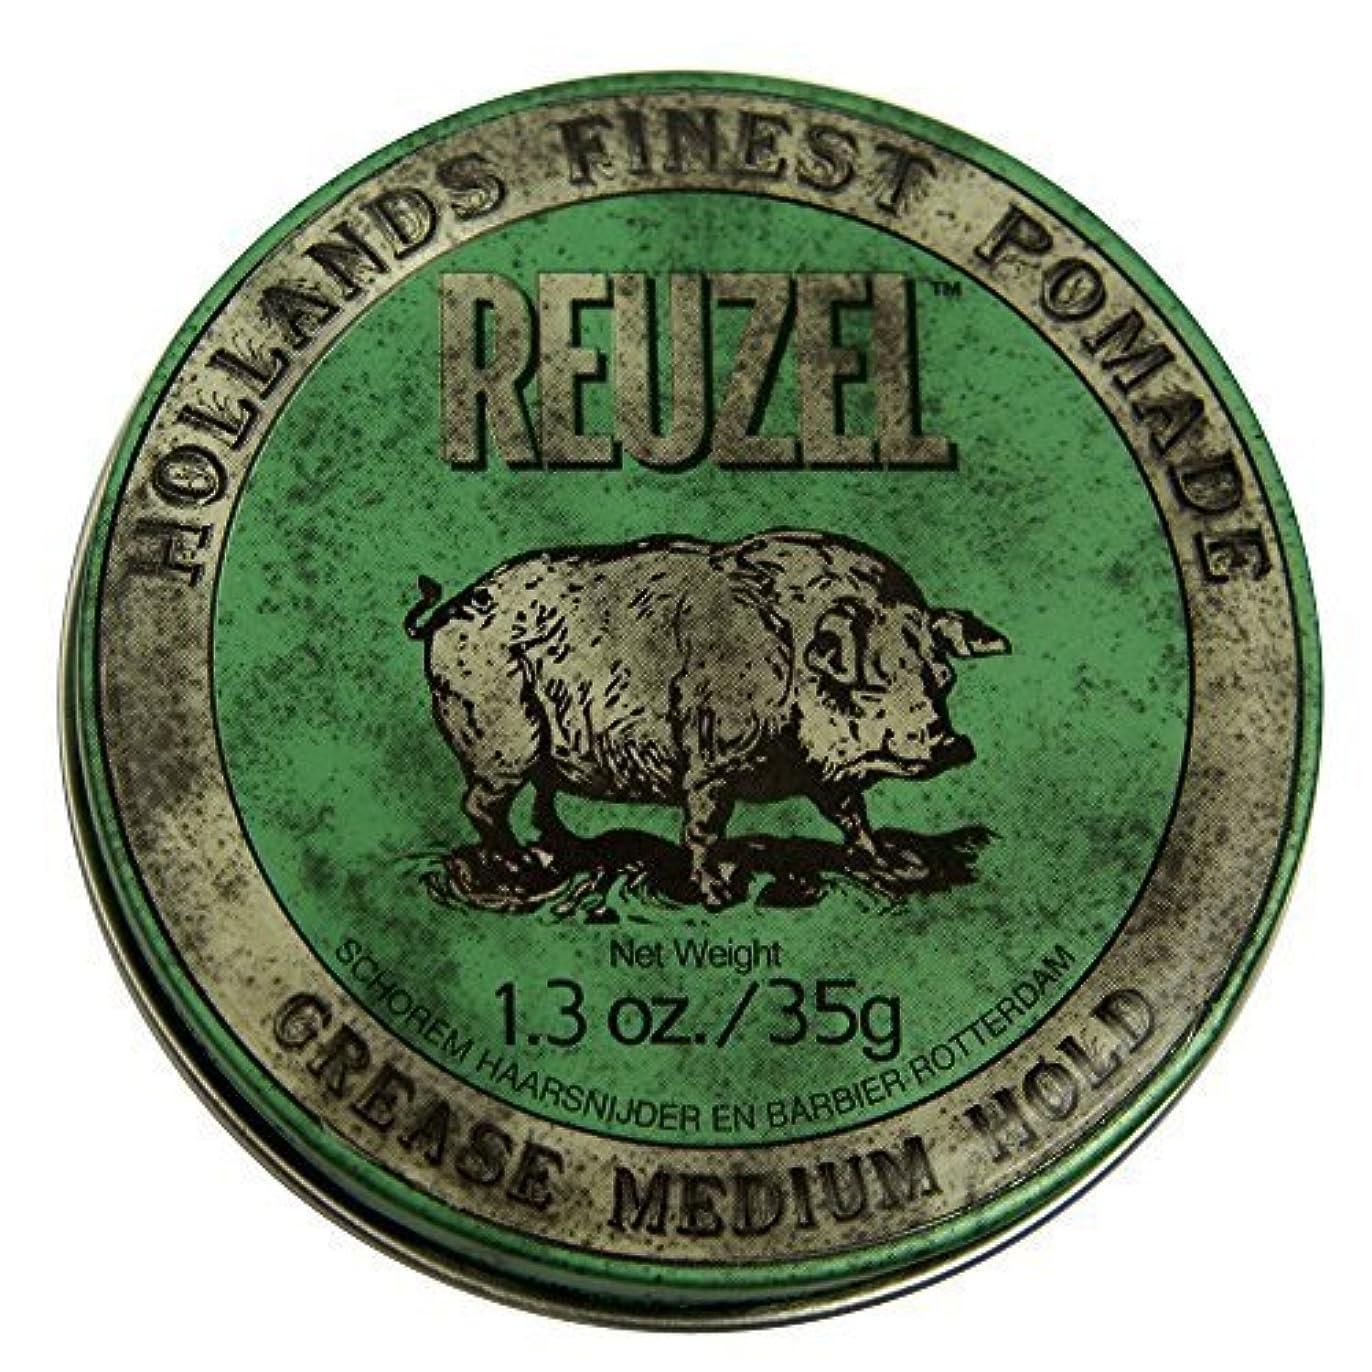 困惑物思いにふける項目by Reuzel Reuzel Green Grease Medium Hold Hair Styling Pomade Piglet 1.3oz (35g) Wax/Gel [並行輸入品]